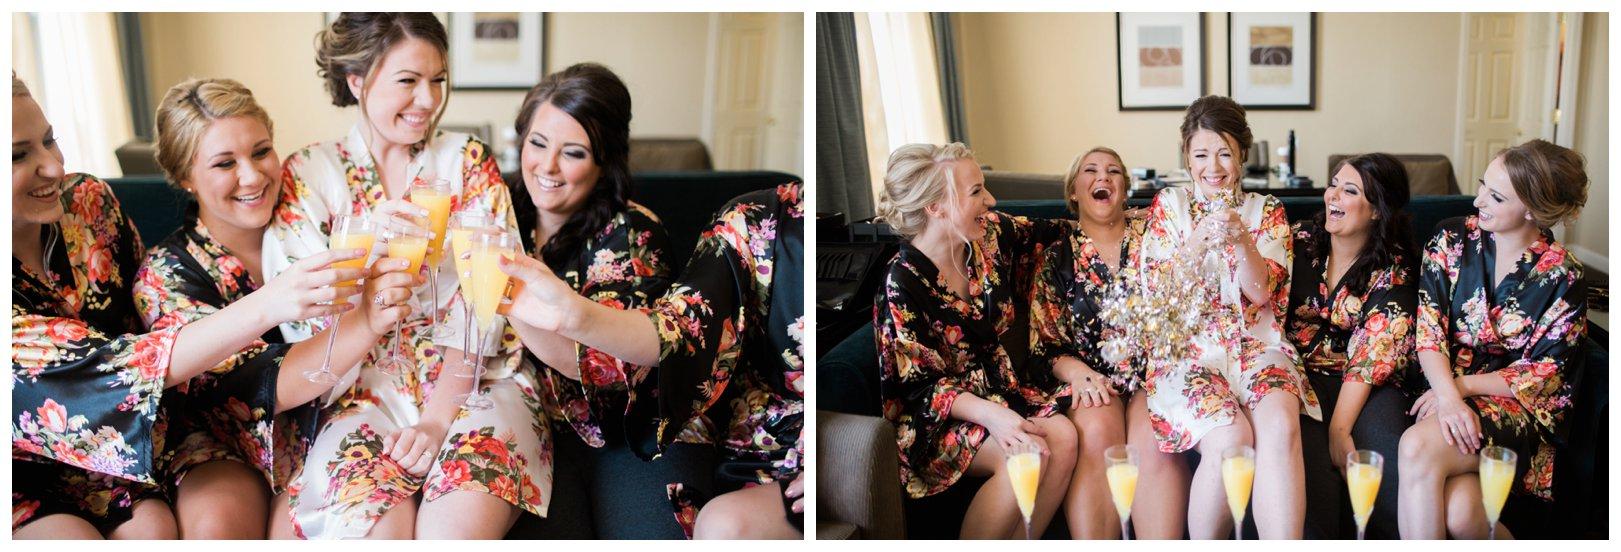 lauren muckler photography_fine art film wedding photography_st louis_photography_1288.jpg